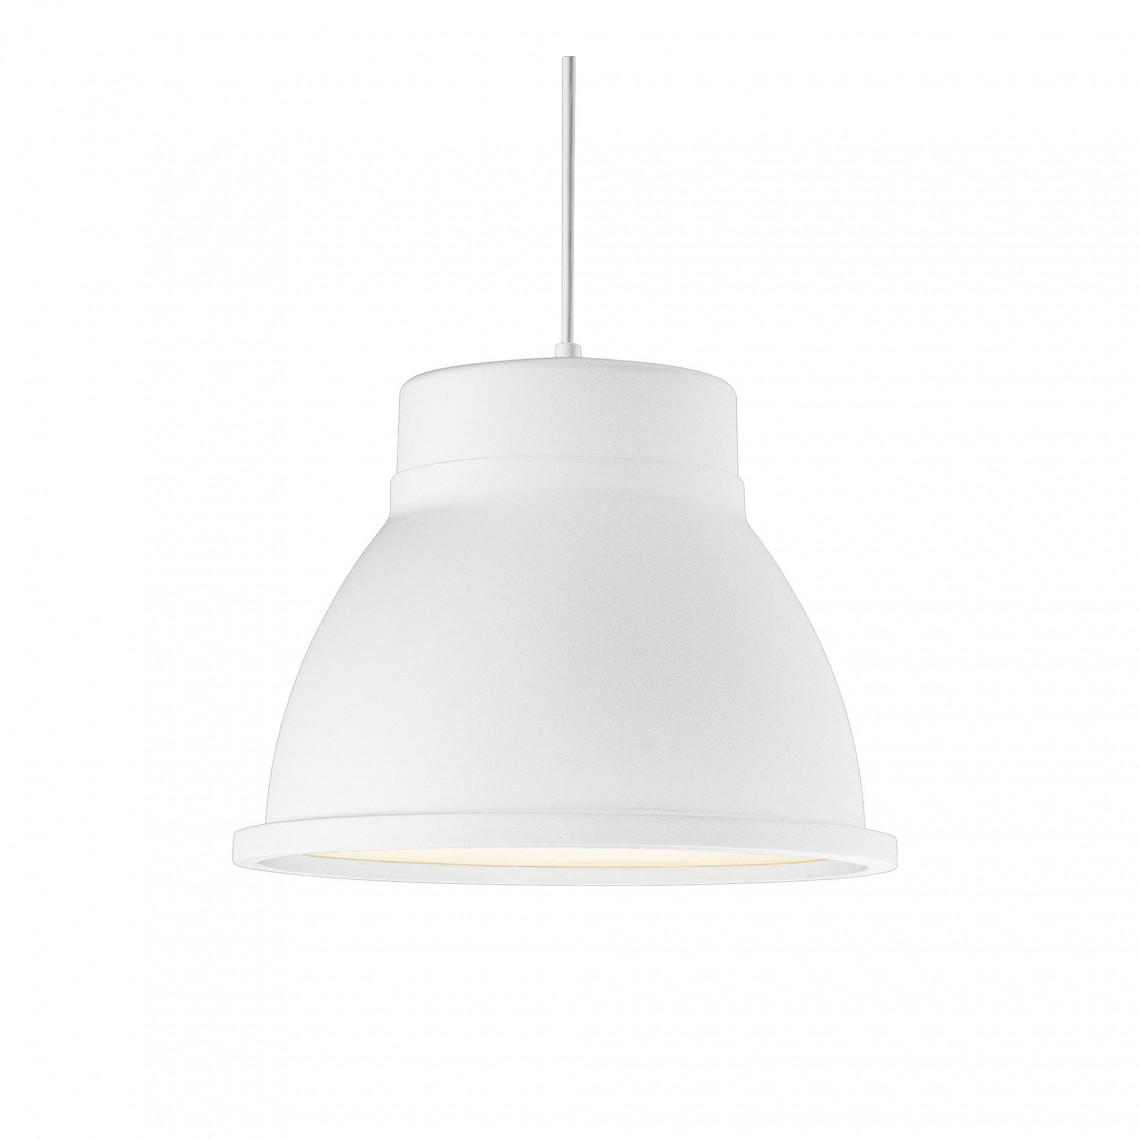 Studio Pendant Lamp - White